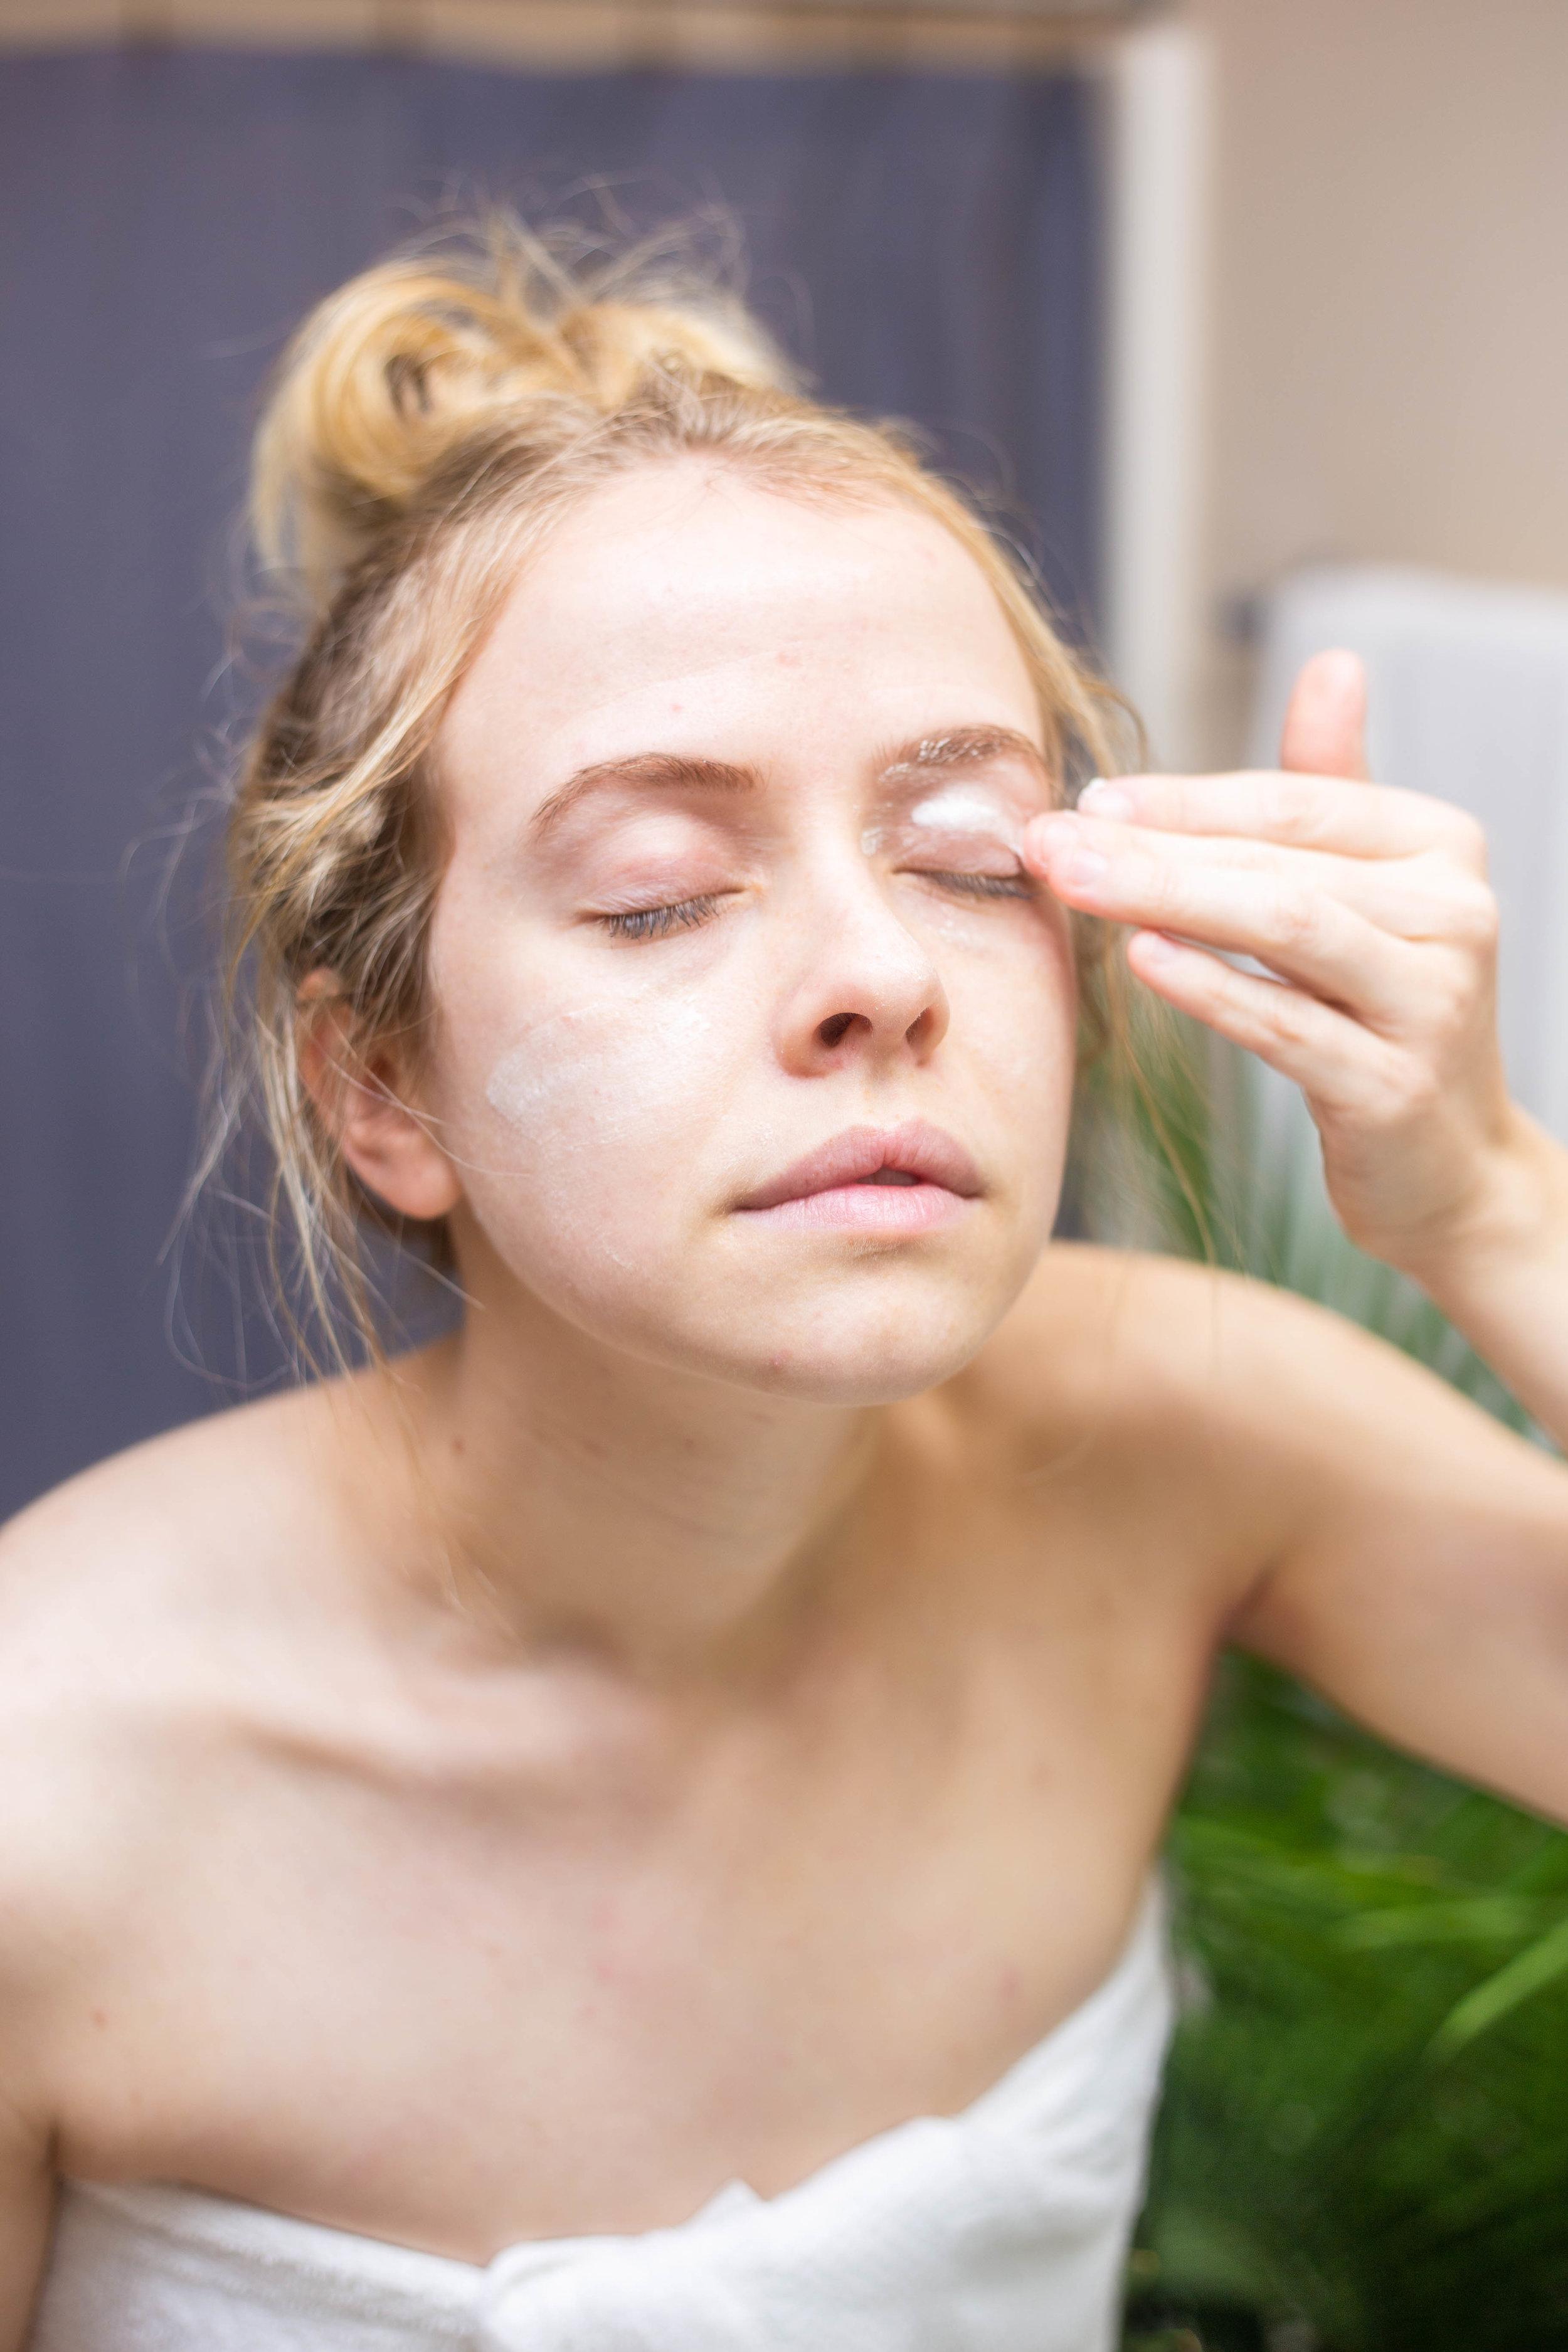 How I Healed And Cured My Eczema + Rebalanced My Skin